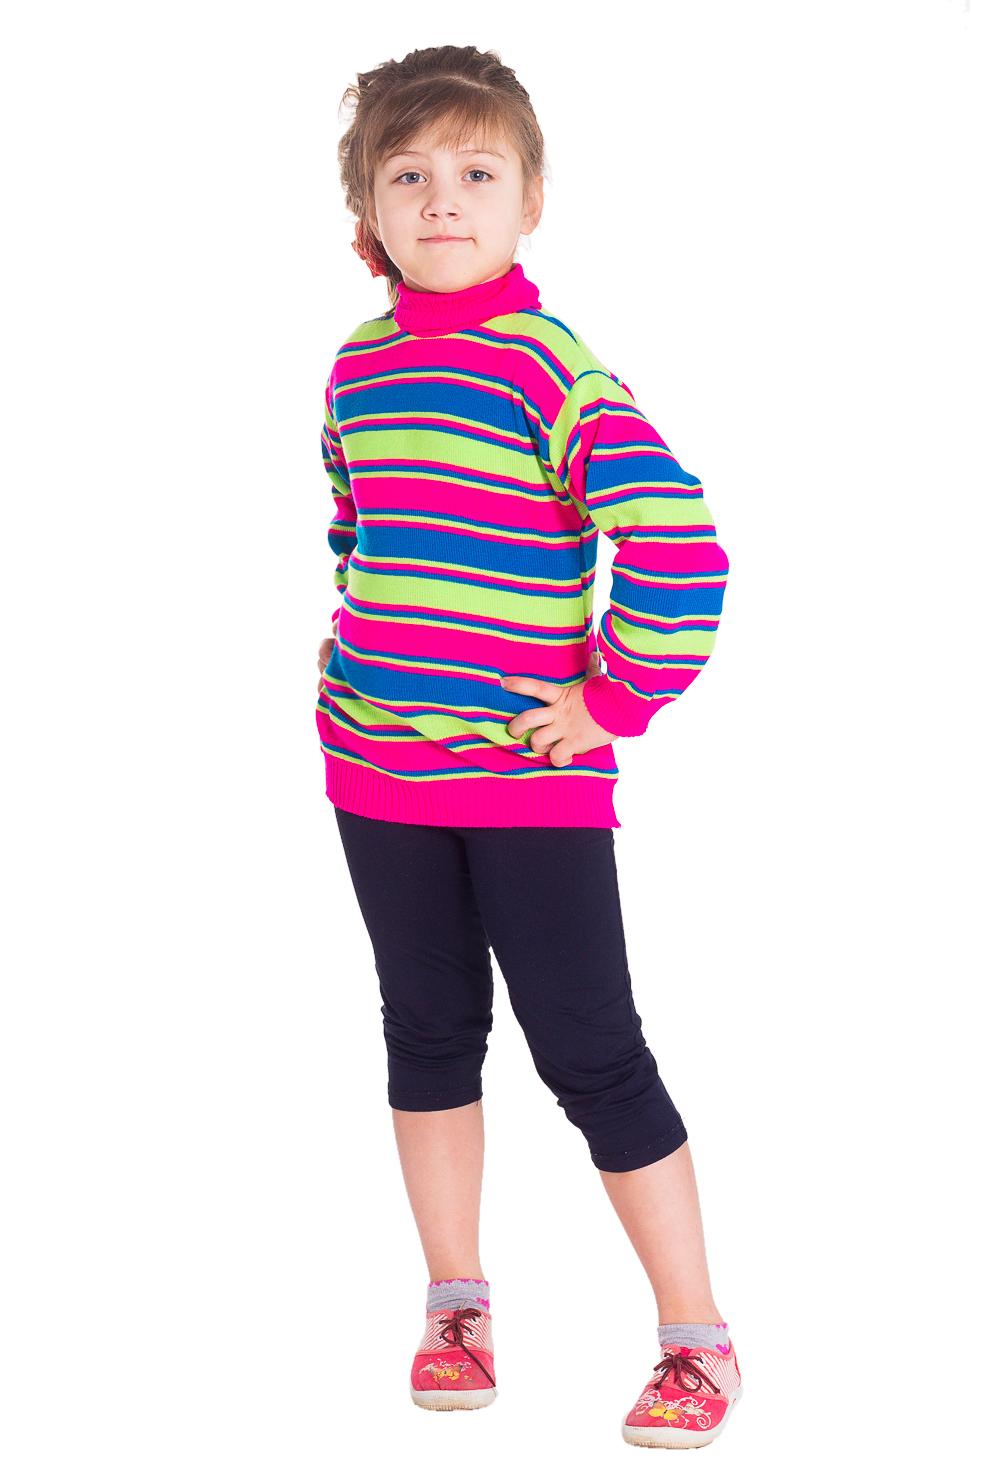 ВодолазкаВодолазки<br>Яркая водолазка для девочки. Приталенная модель. Производятся из высококачественной пряжи, отличающейся износостойкостью и способностью сохранять свой яркий цвет.  Цвет: розовый, салатовый, синий  Размер 74 соответствует росту 70-73 см Размер 80 соответствует росту 74-80 см Размер 86 соответствует росту 81-86 см Размер 92 соответствует росту 87-92 см Размер 98 соответствует росту 93-98 см Размер 104 соответствует росту 98-104 см Размер 110 соответствует росту 105-110 см Размер 116 соответствует росту 111-116 см Размер 122 соответствует росту 117-122 см Размер 128 соответствует росту 123-128 см Размер 134 соответствует росту 129-134 см Размер 140 соответствует росту 135-140 см Размер 146 соответствует росту 141-146 см Размер 152 соответствует росту 147-152 см Размер 158 соответствует росту 153-158 см Размер 164 соответствует росту 159-164 см<br><br>По образу: Повседневные<br>По материалу: Трикотажные<br>По рисунку: В полоску,Цветные<br>По сезону: Зима<br>По силуэту: Полуприталенные<br>Воротник: Стойка<br>Рукав: Длинный рукав<br>По возрасту: Школьные ( от 7 до 13 лет)<br>Размер: 134<br>Материал: 50% шерсть 45% полиэстер 5% эластан<br>Количество в наличии: 1